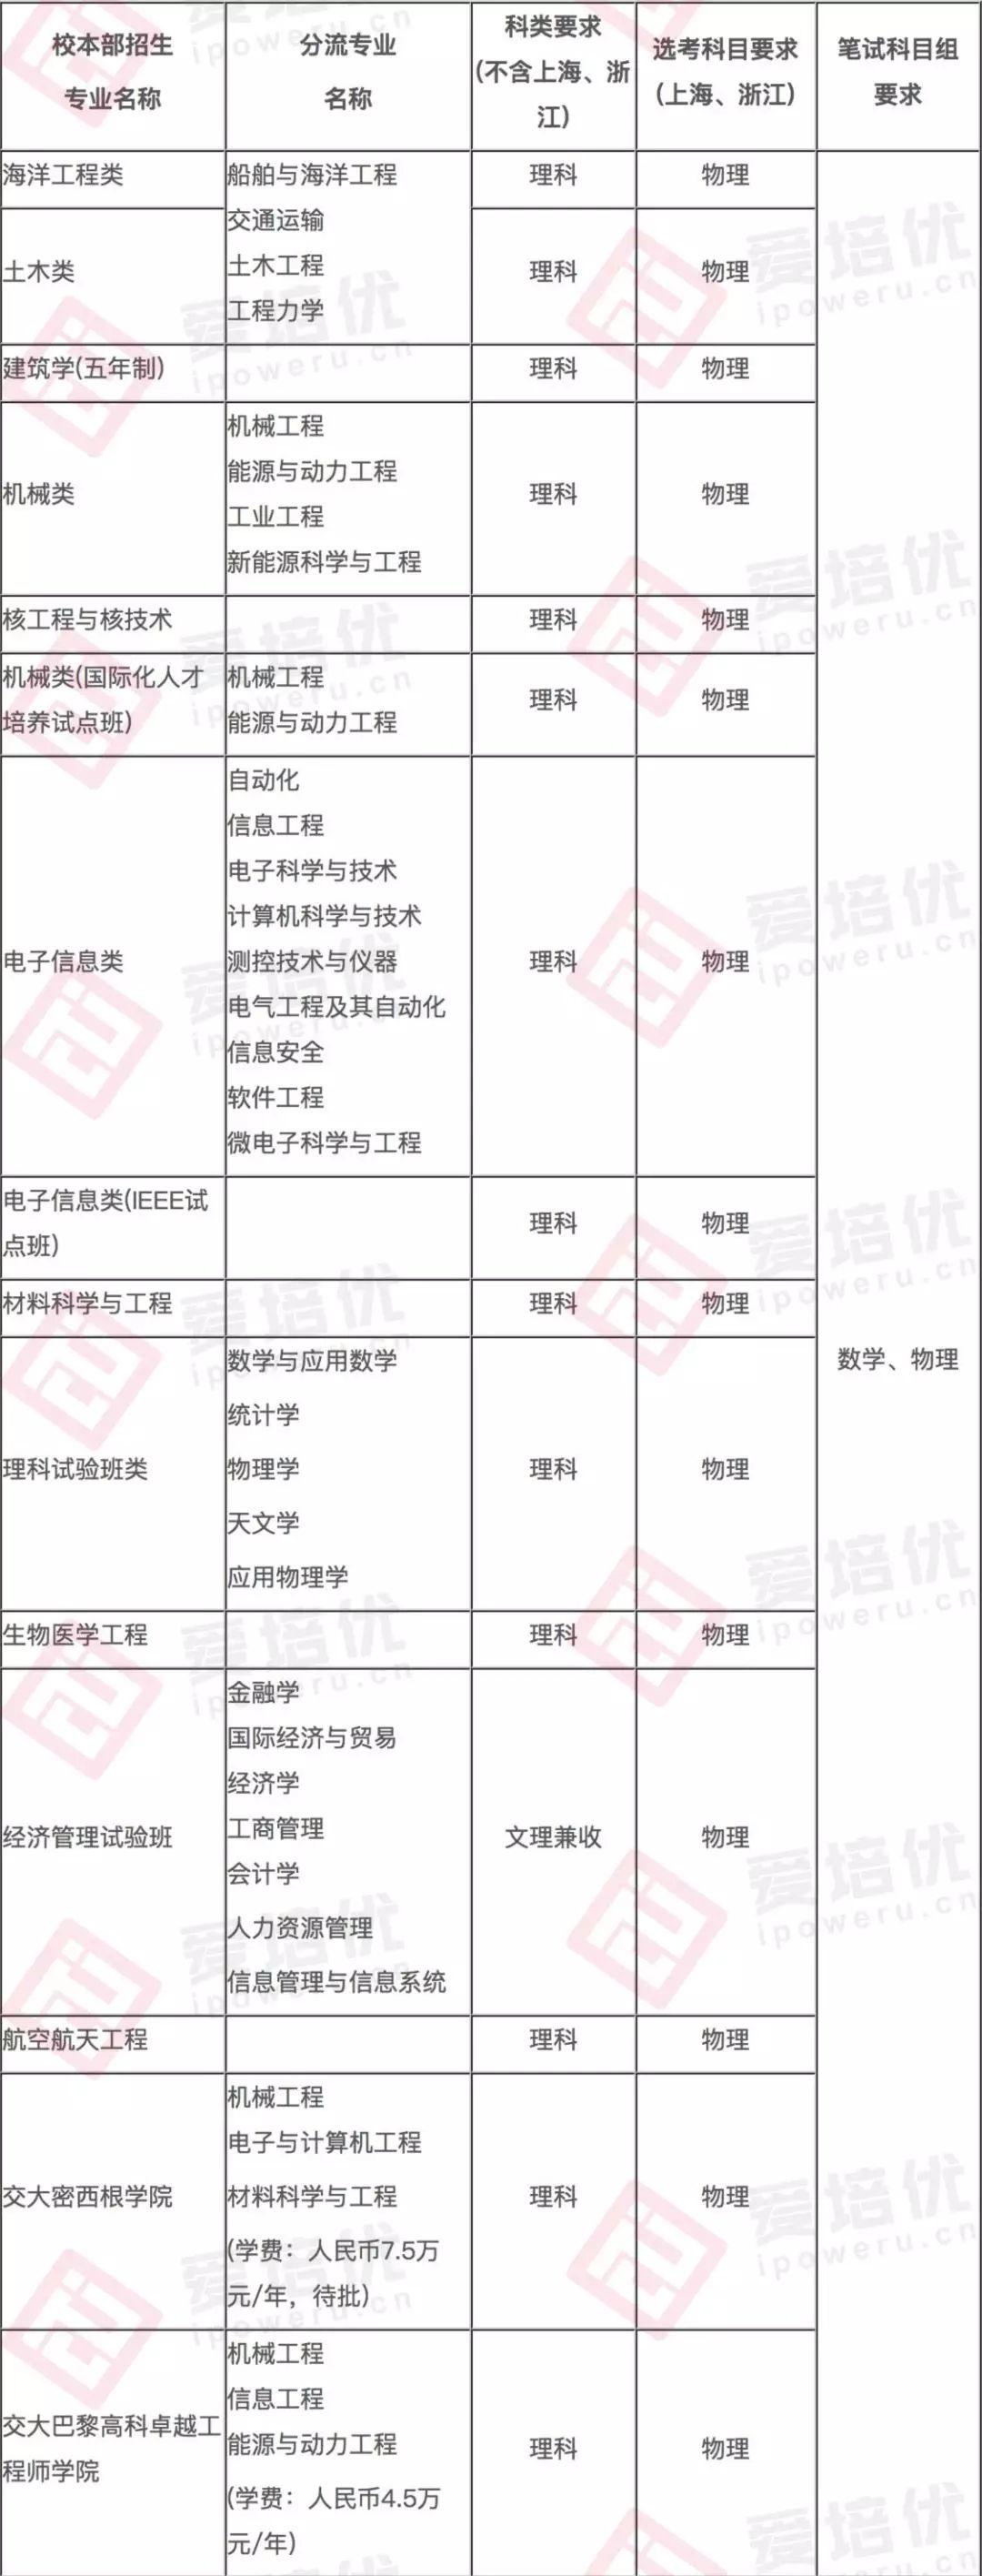 上海交大自主招生揭秘:报考人数减少了43%,文科类考生极大受限